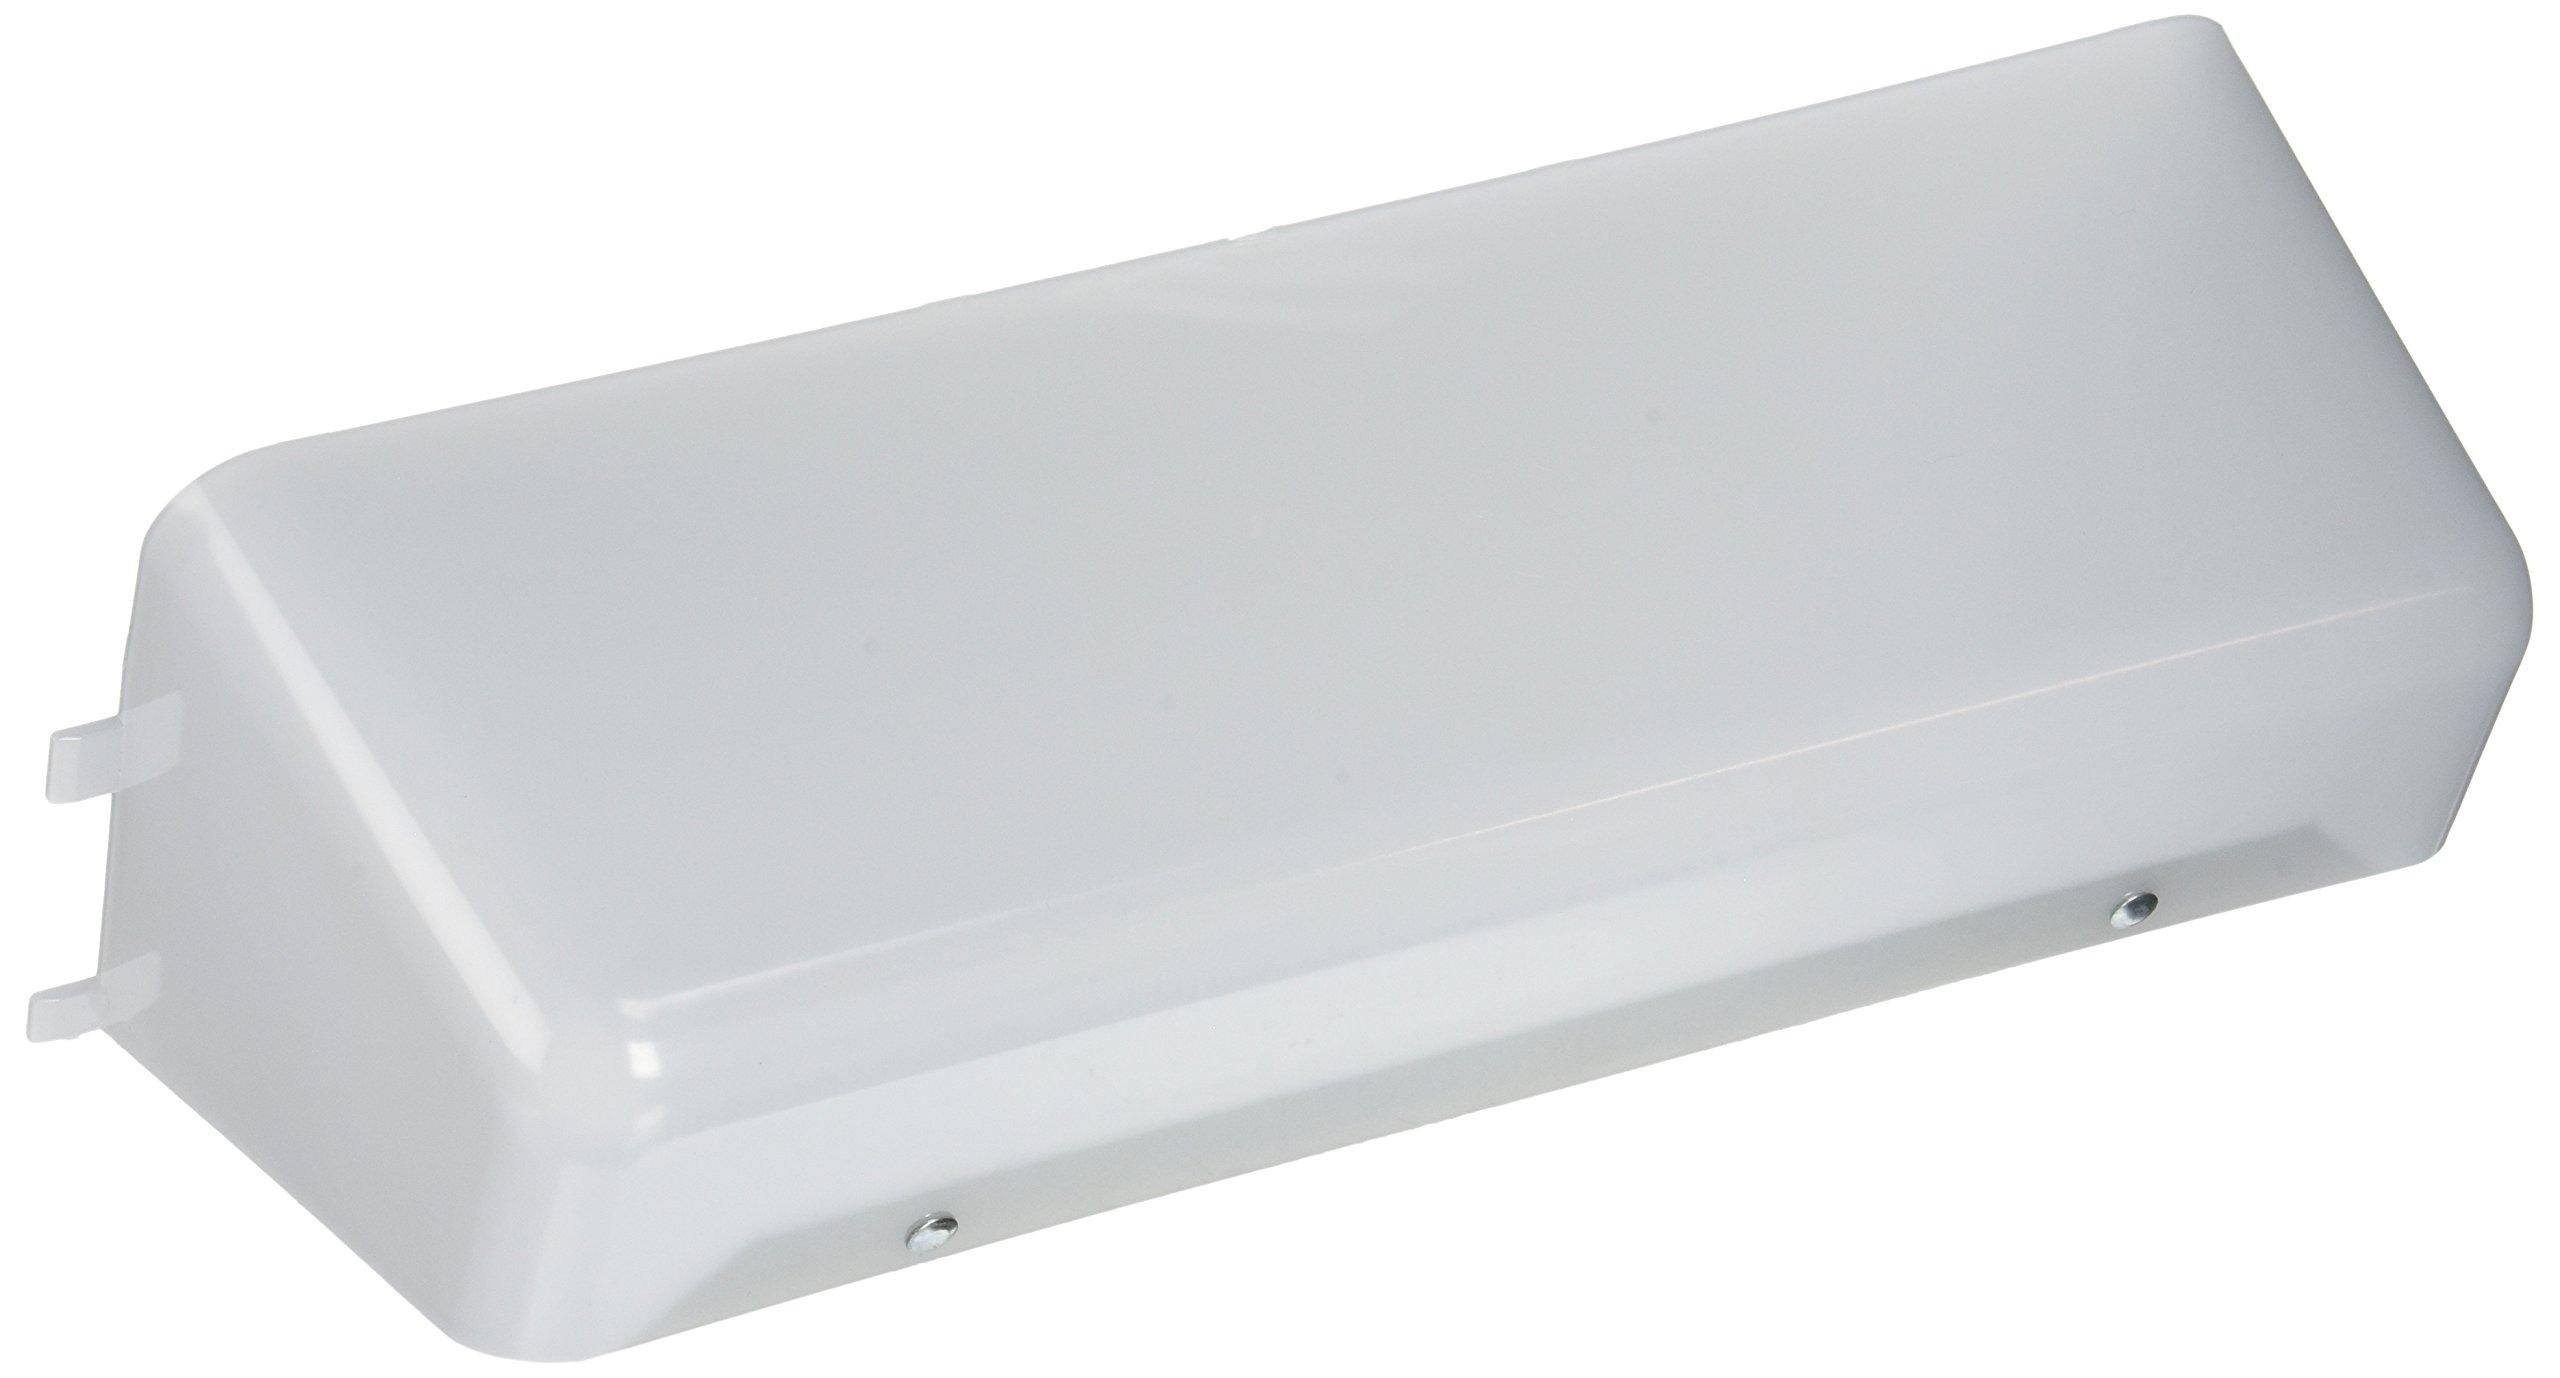 Broan S97018564 Lamp Diffuser